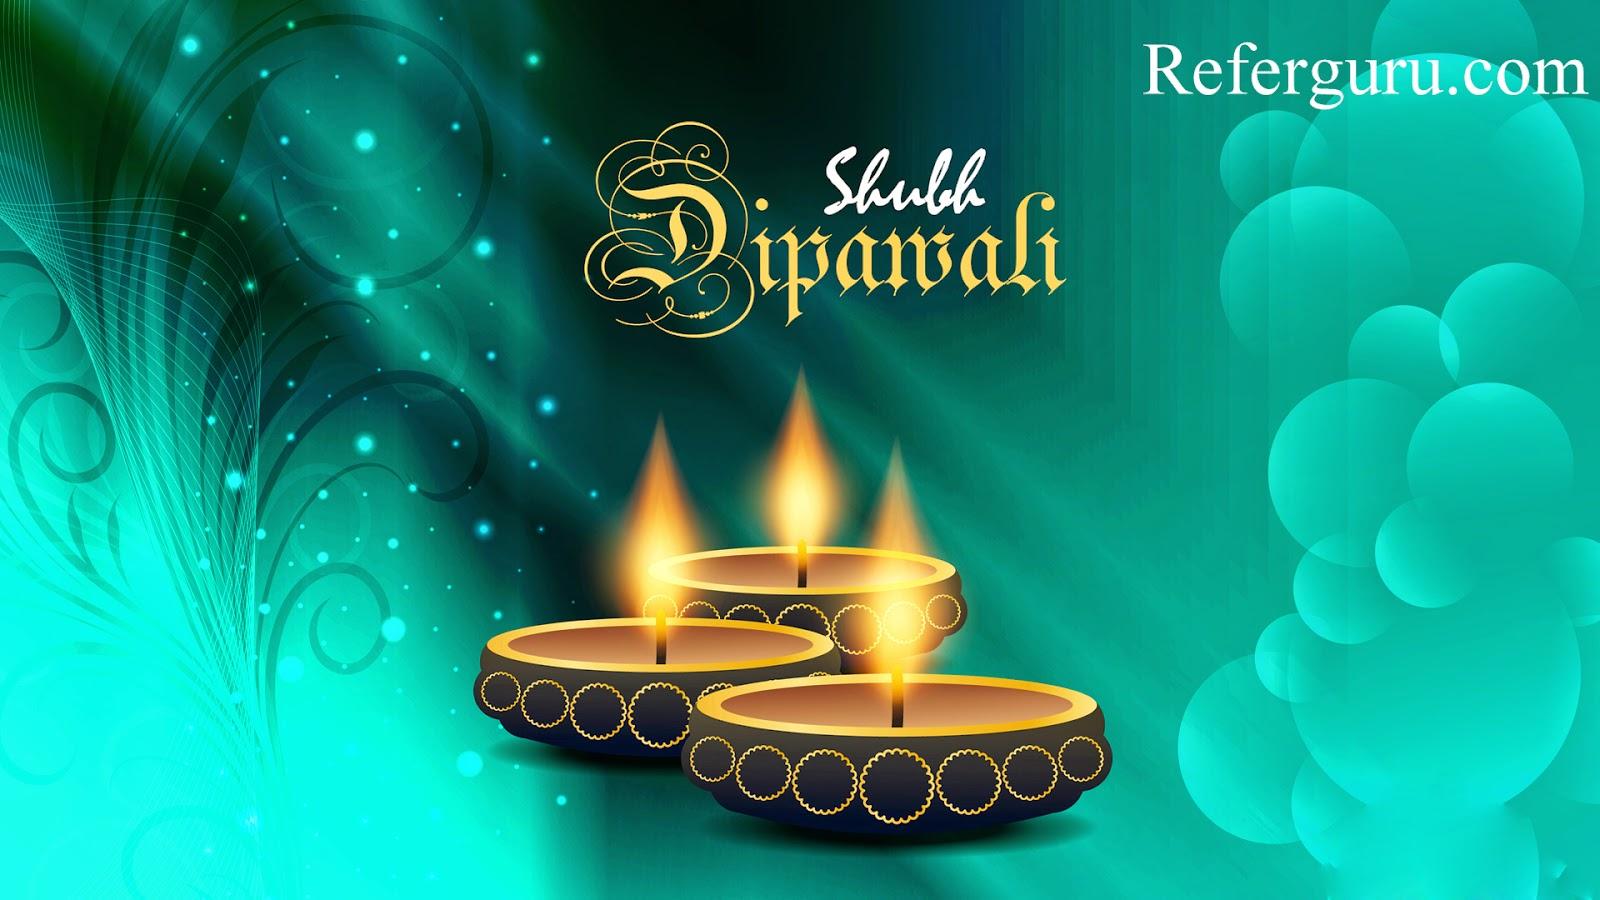 Diwali Greeting  2014